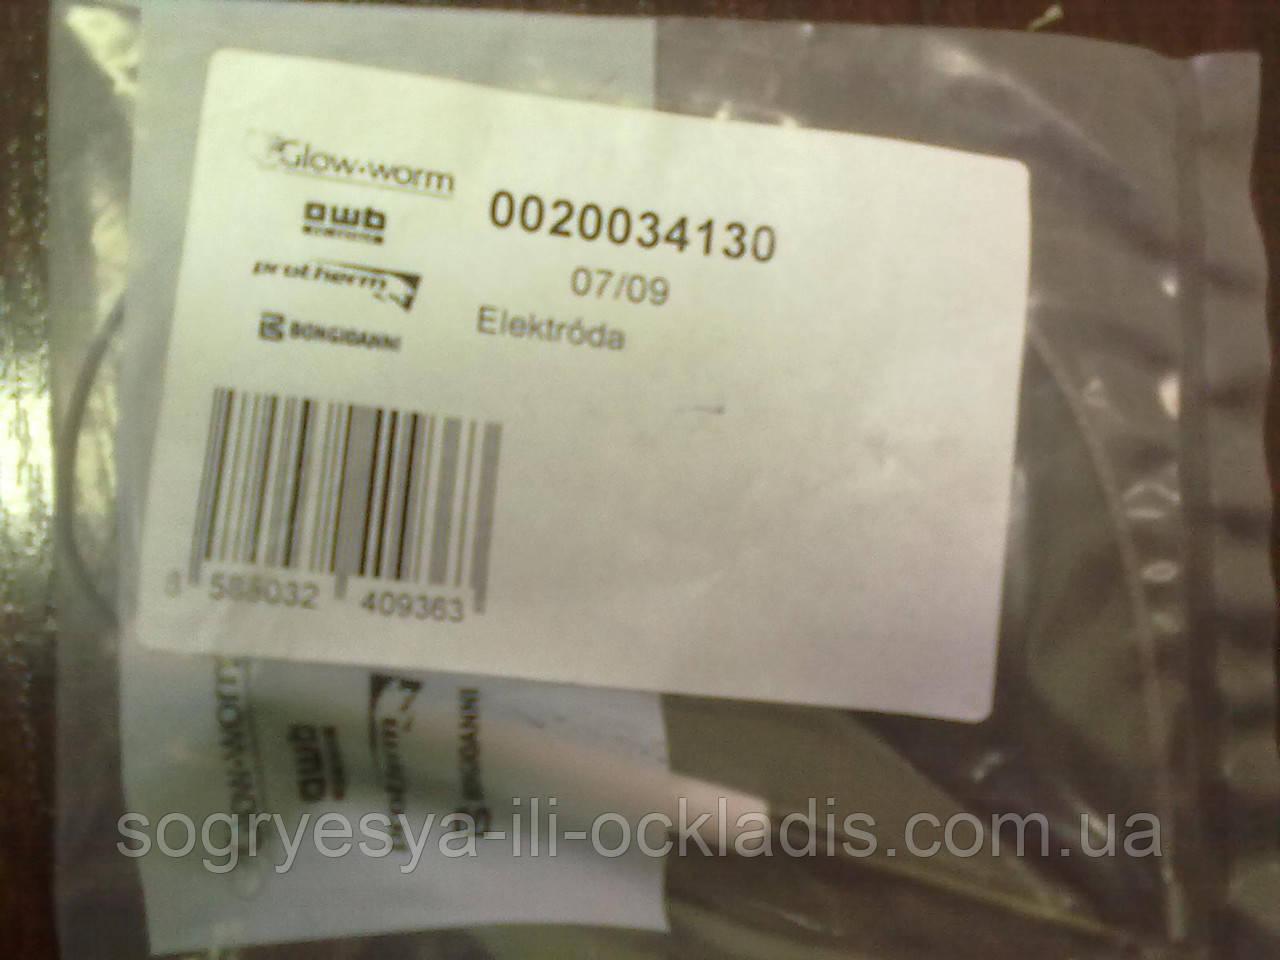 Електрод розпалу ZE 636